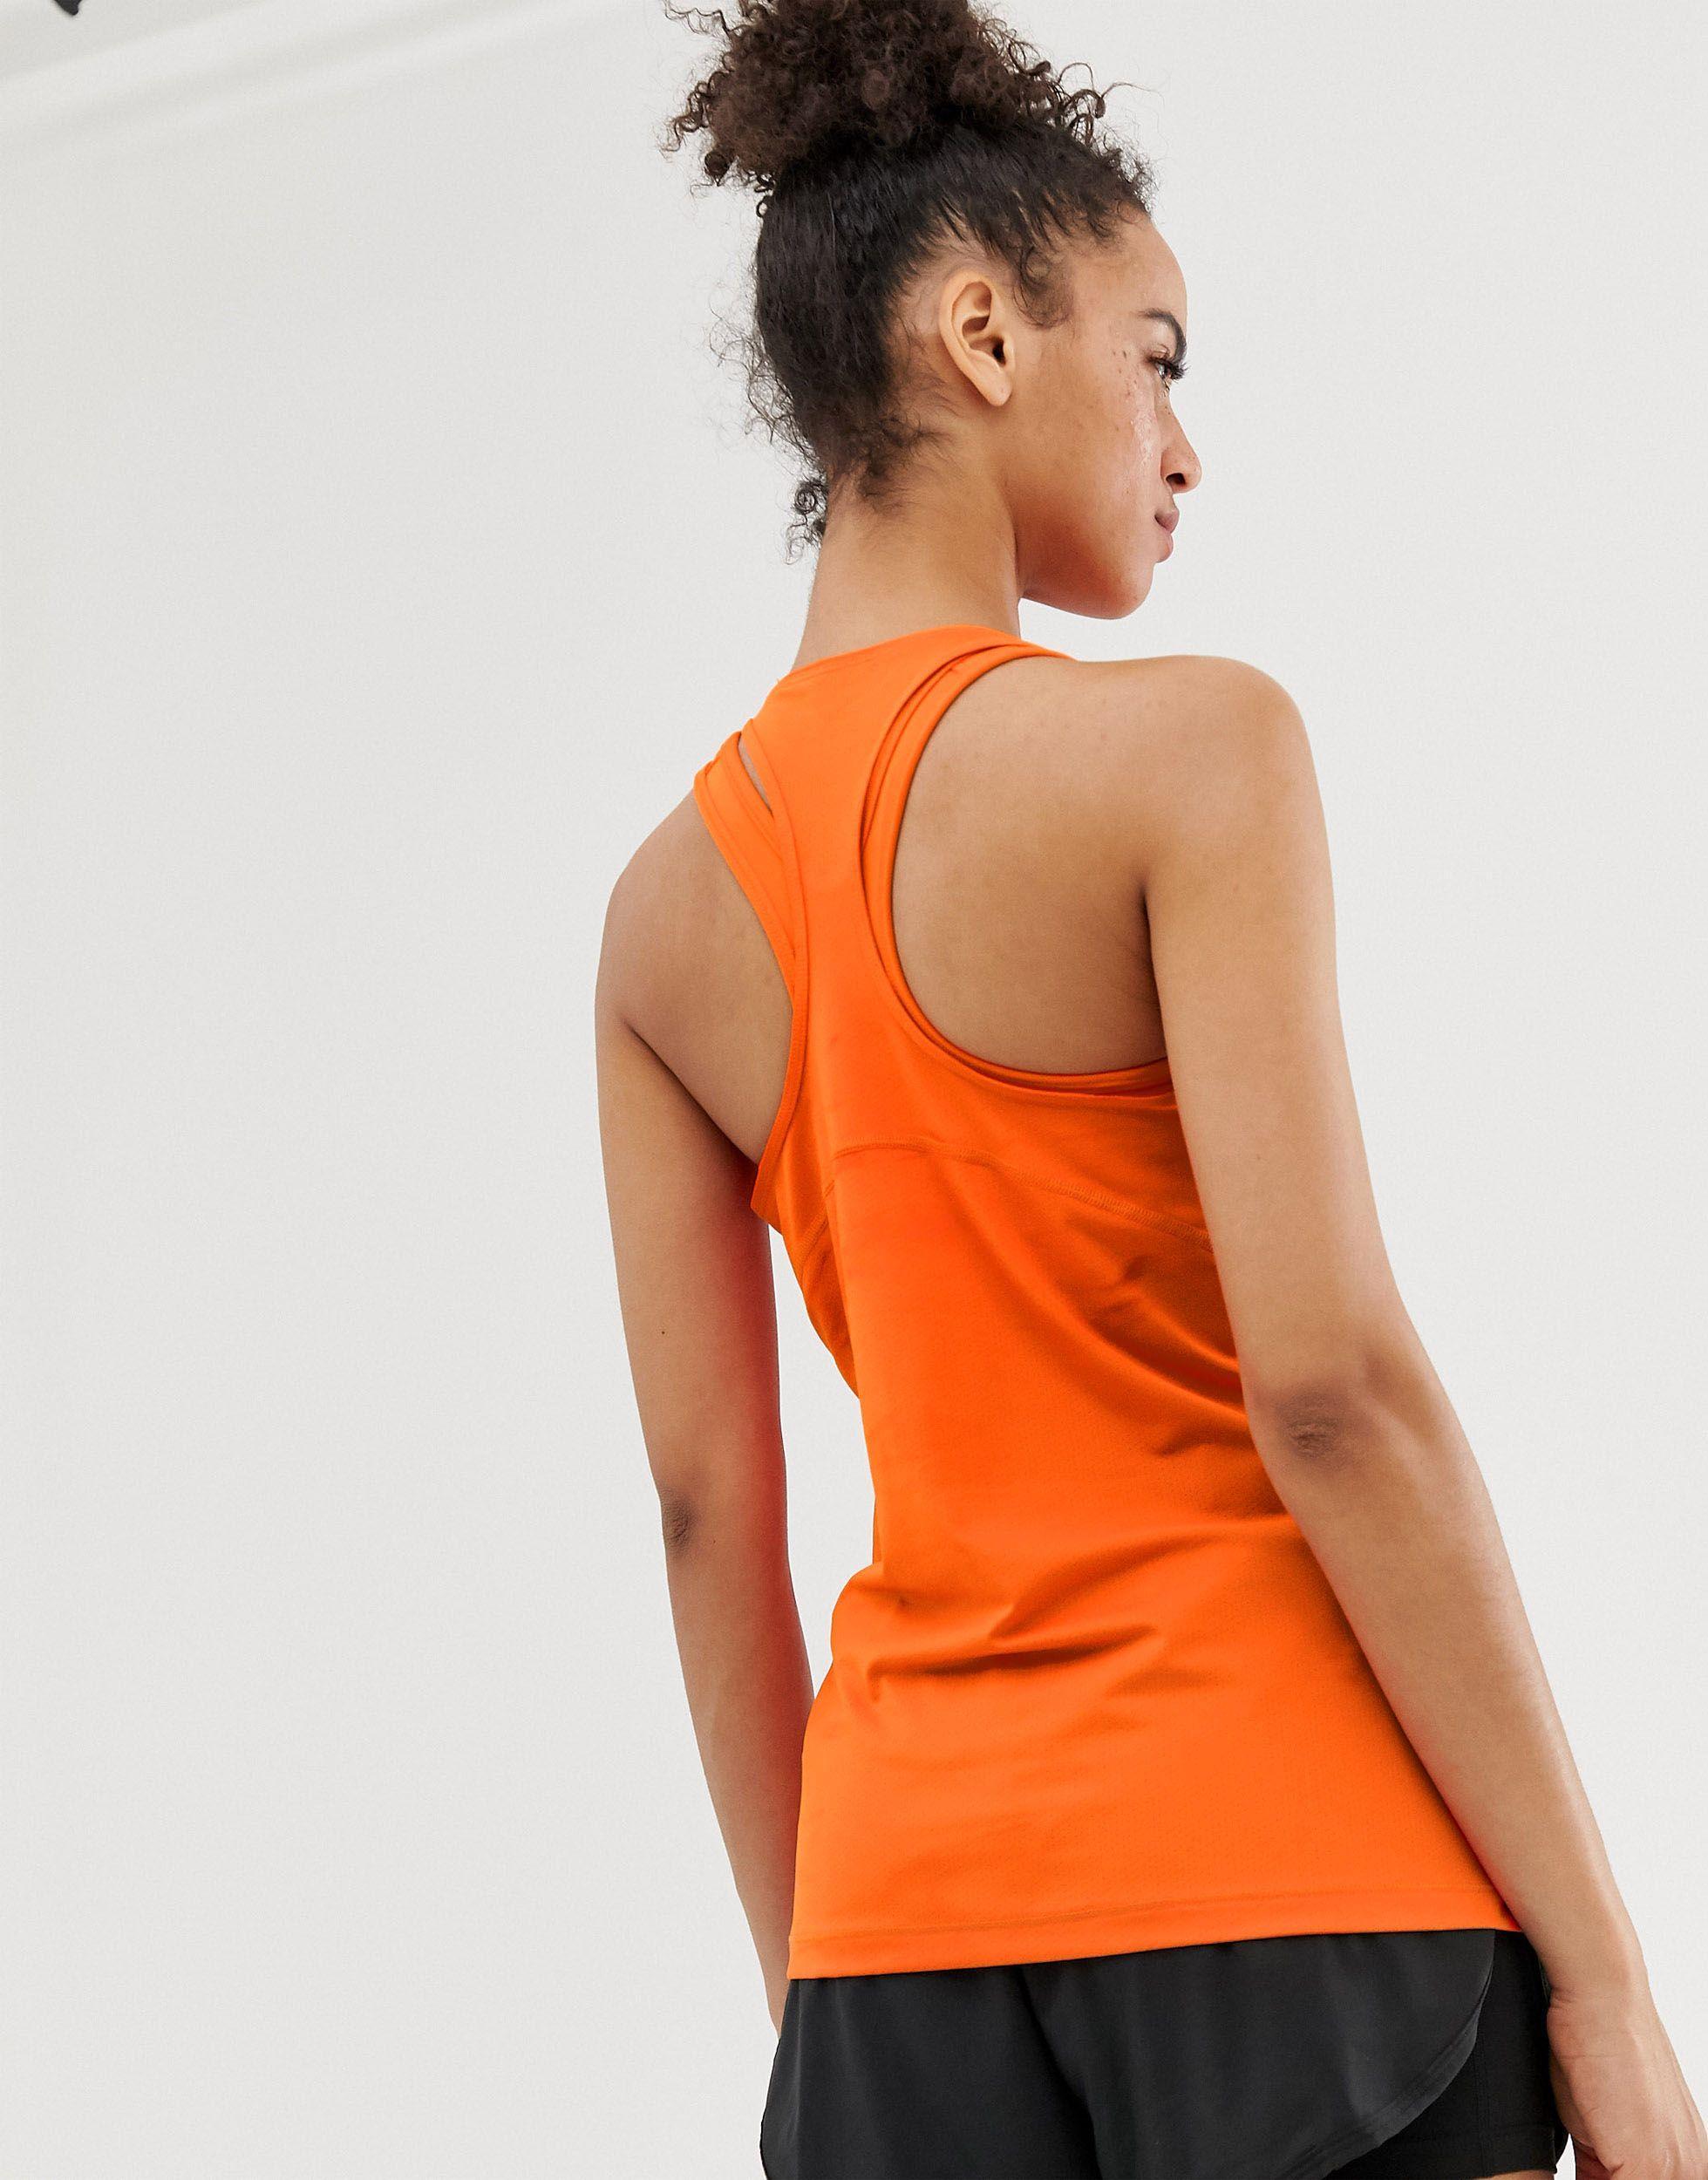 Nike - Pro Training - Débardeur Synthétique Nike en coloris Orange